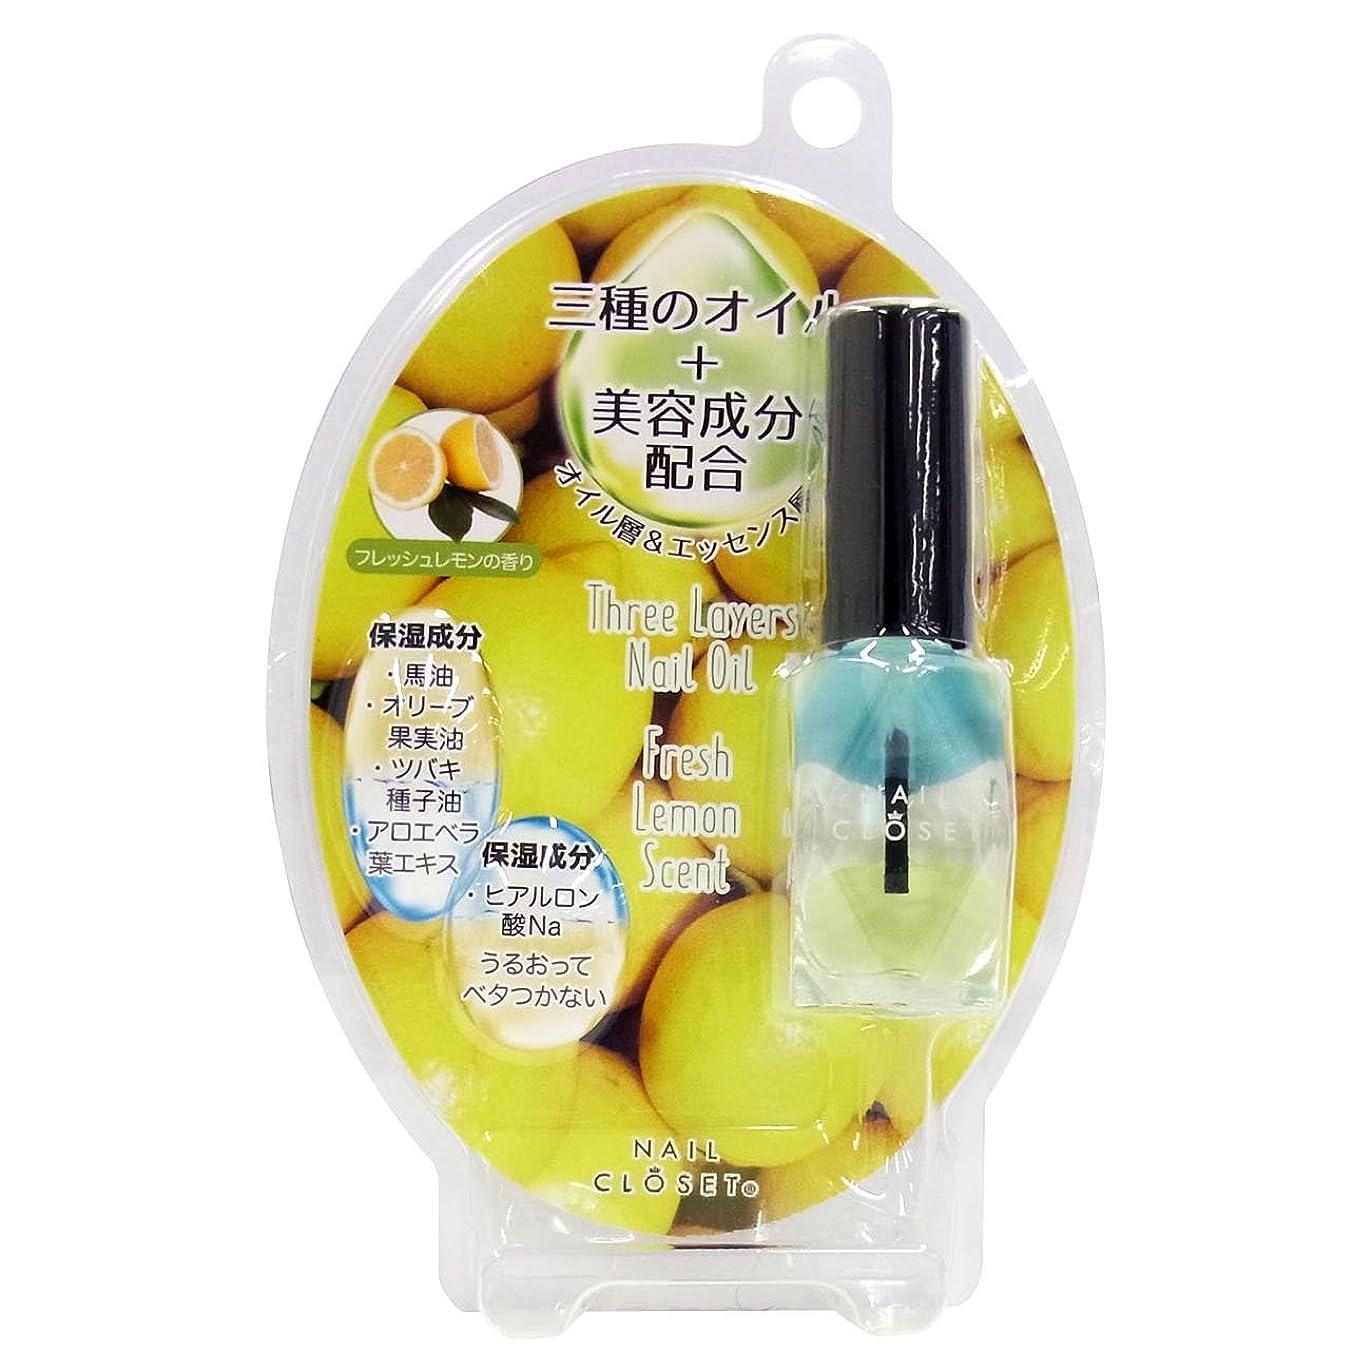 メンタル雑多な旋回ネイルクローゼット スリーレイヤーネイルオイル NO-01 フレッシュレモン (9mL)